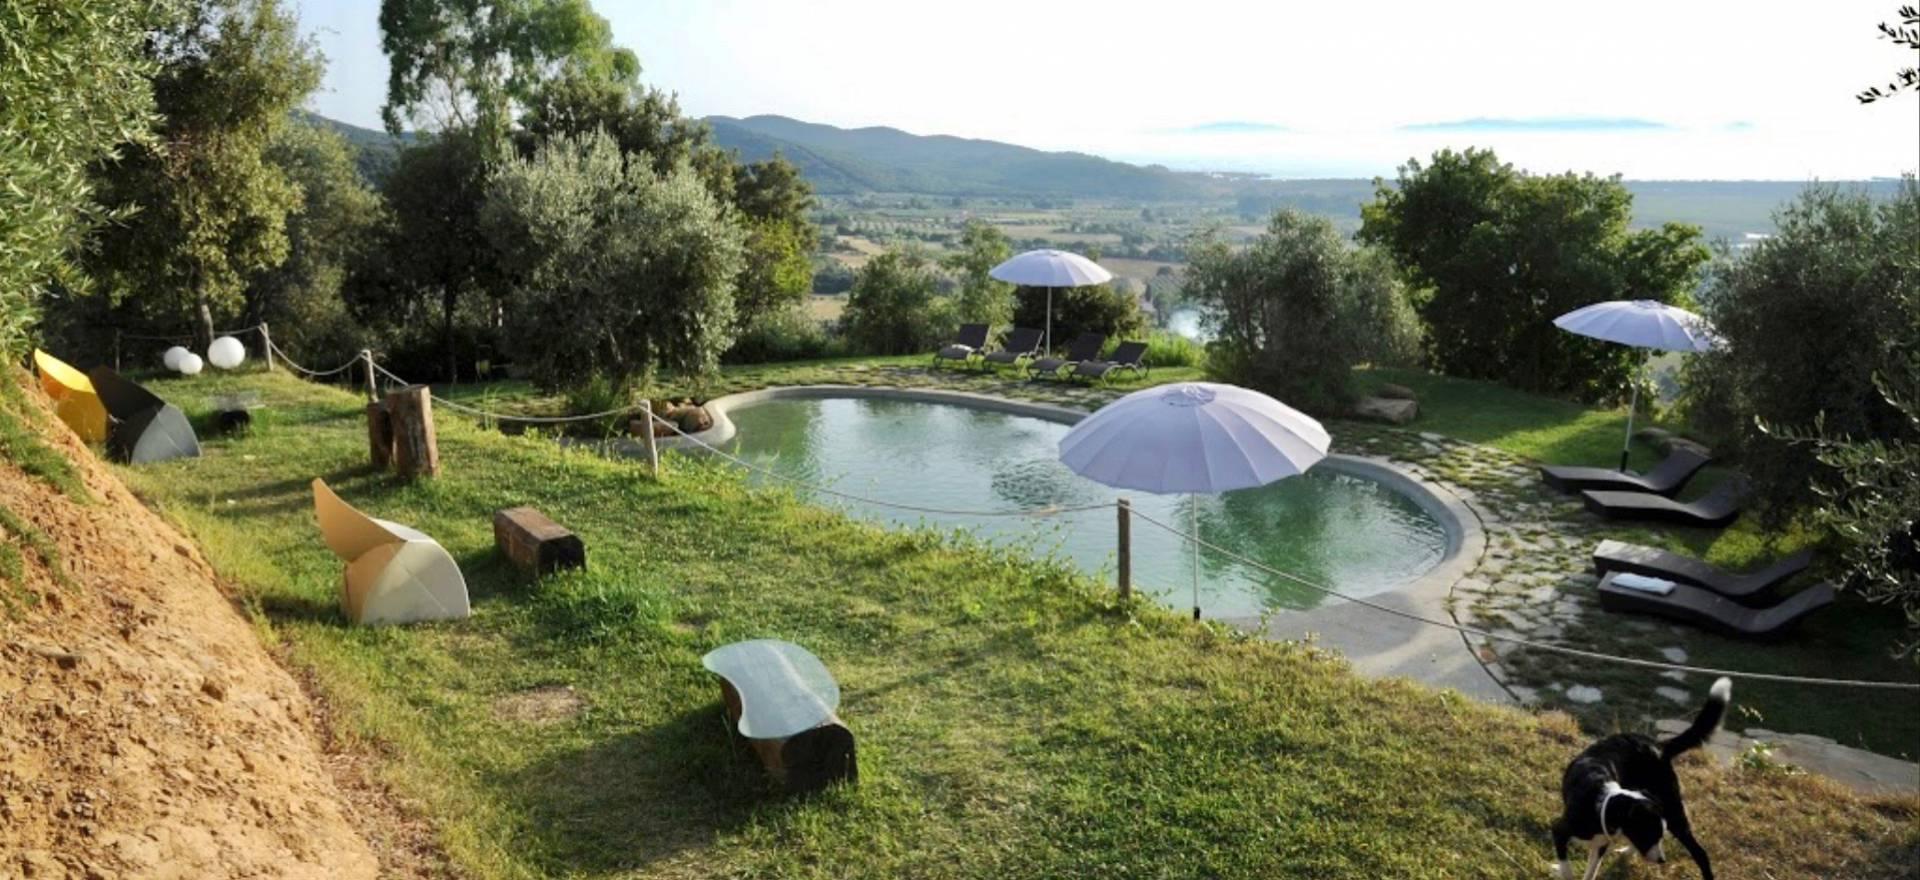 Agriturismo Toscane Mooie agriturismo in Zuid Toscane met zeezicht